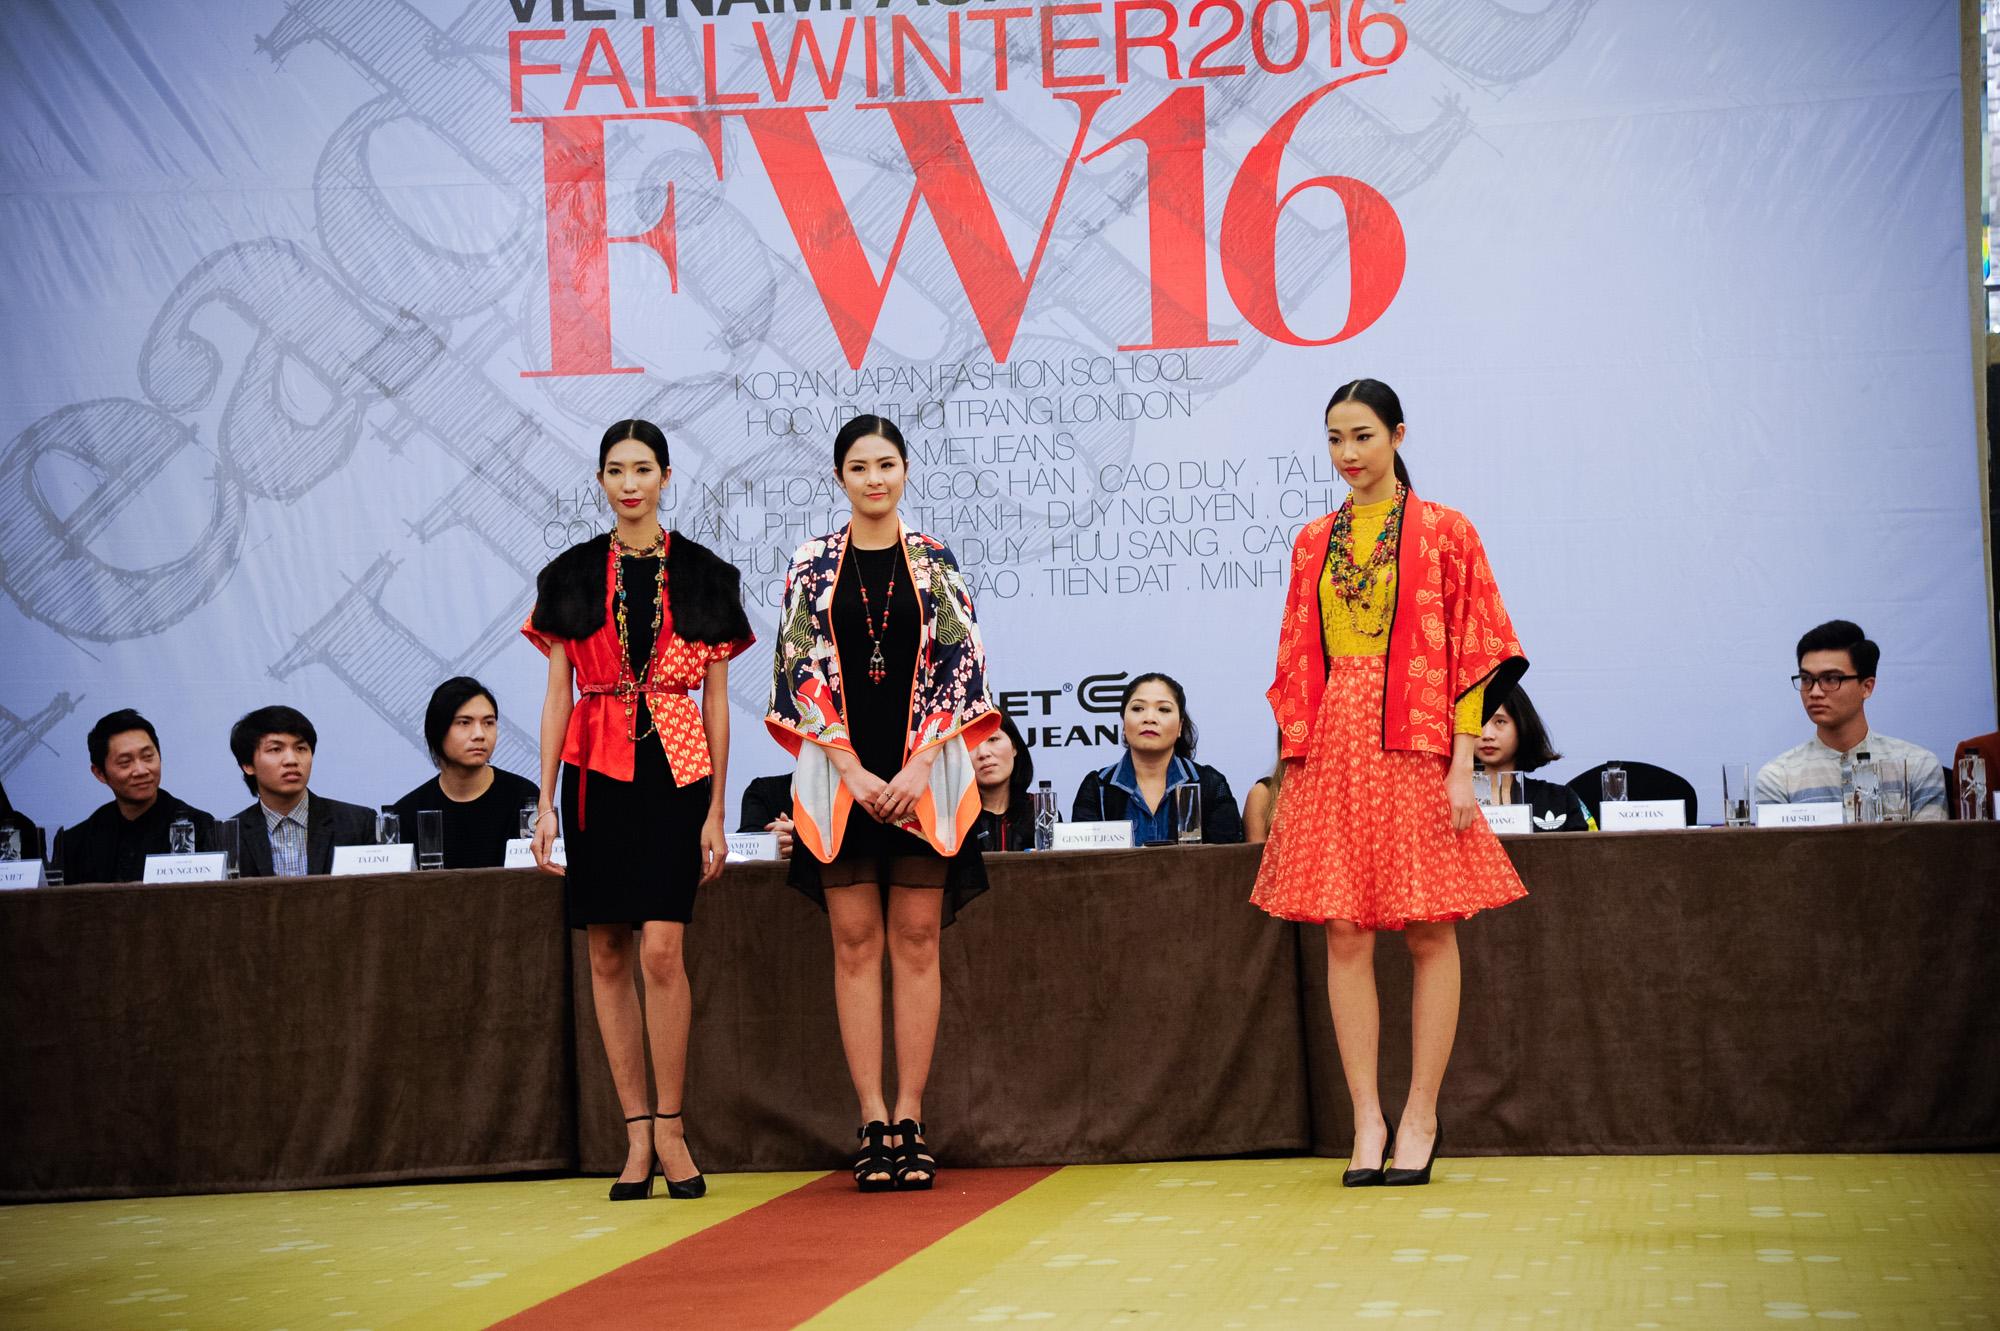 Tuần lễ thời trang Việt Nam 2016 với 1000 mẫu trang phục tham gia 13